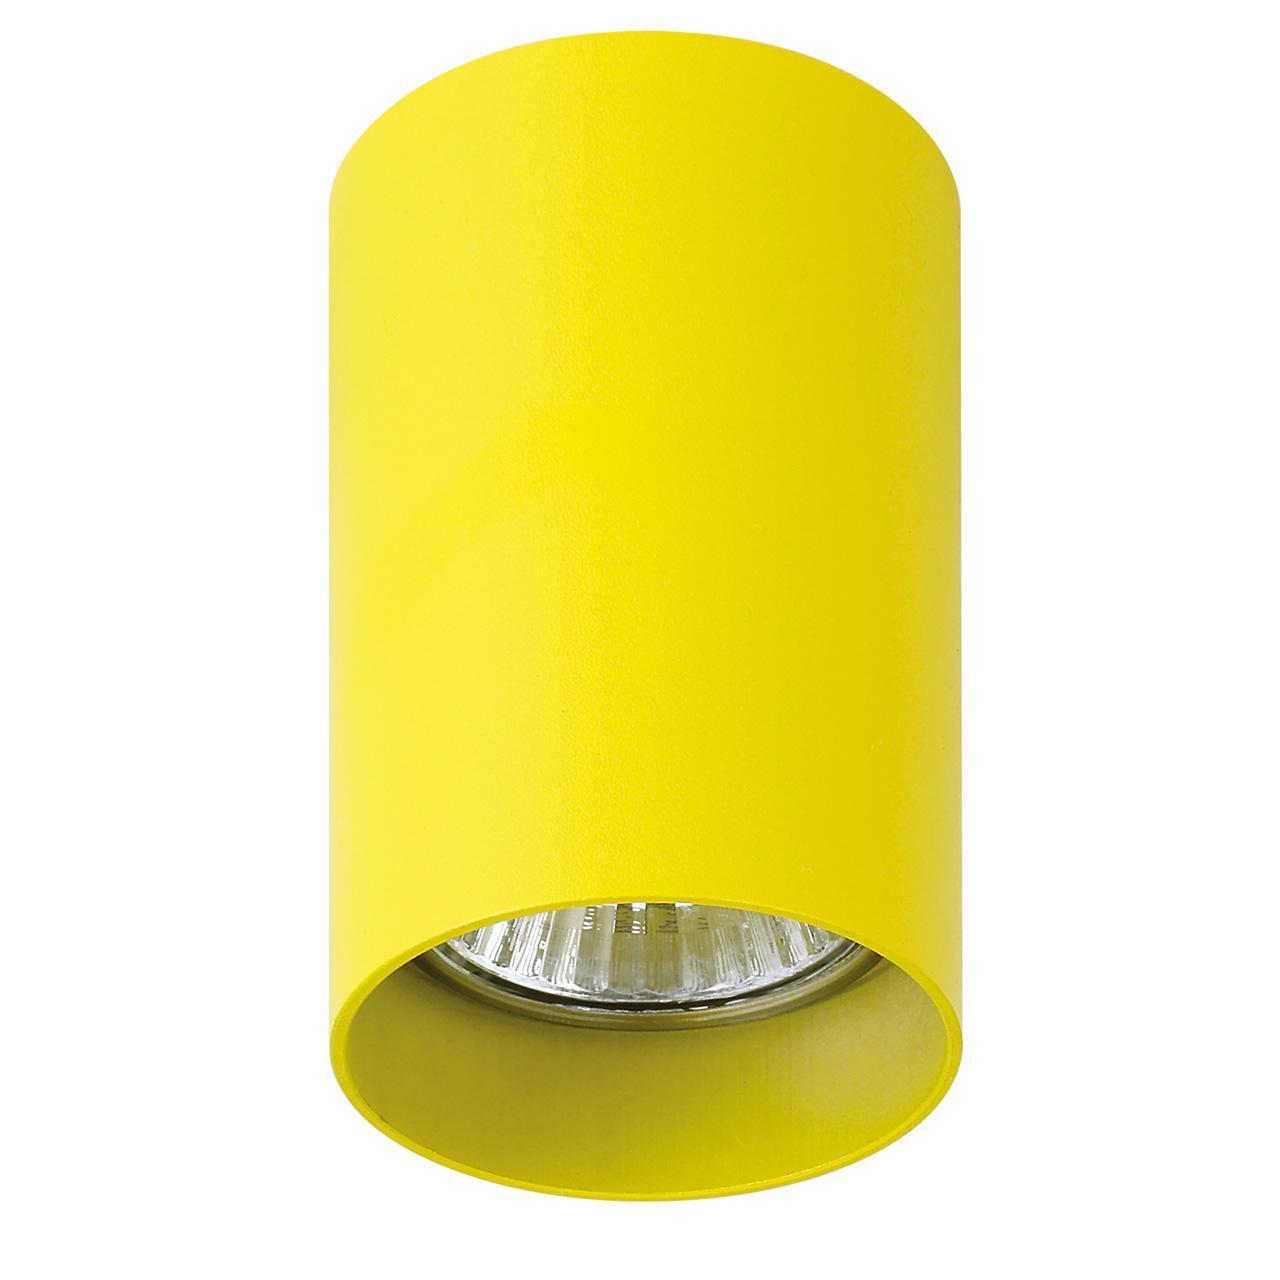 Потолочный светильник Lightstar 214433, желтый